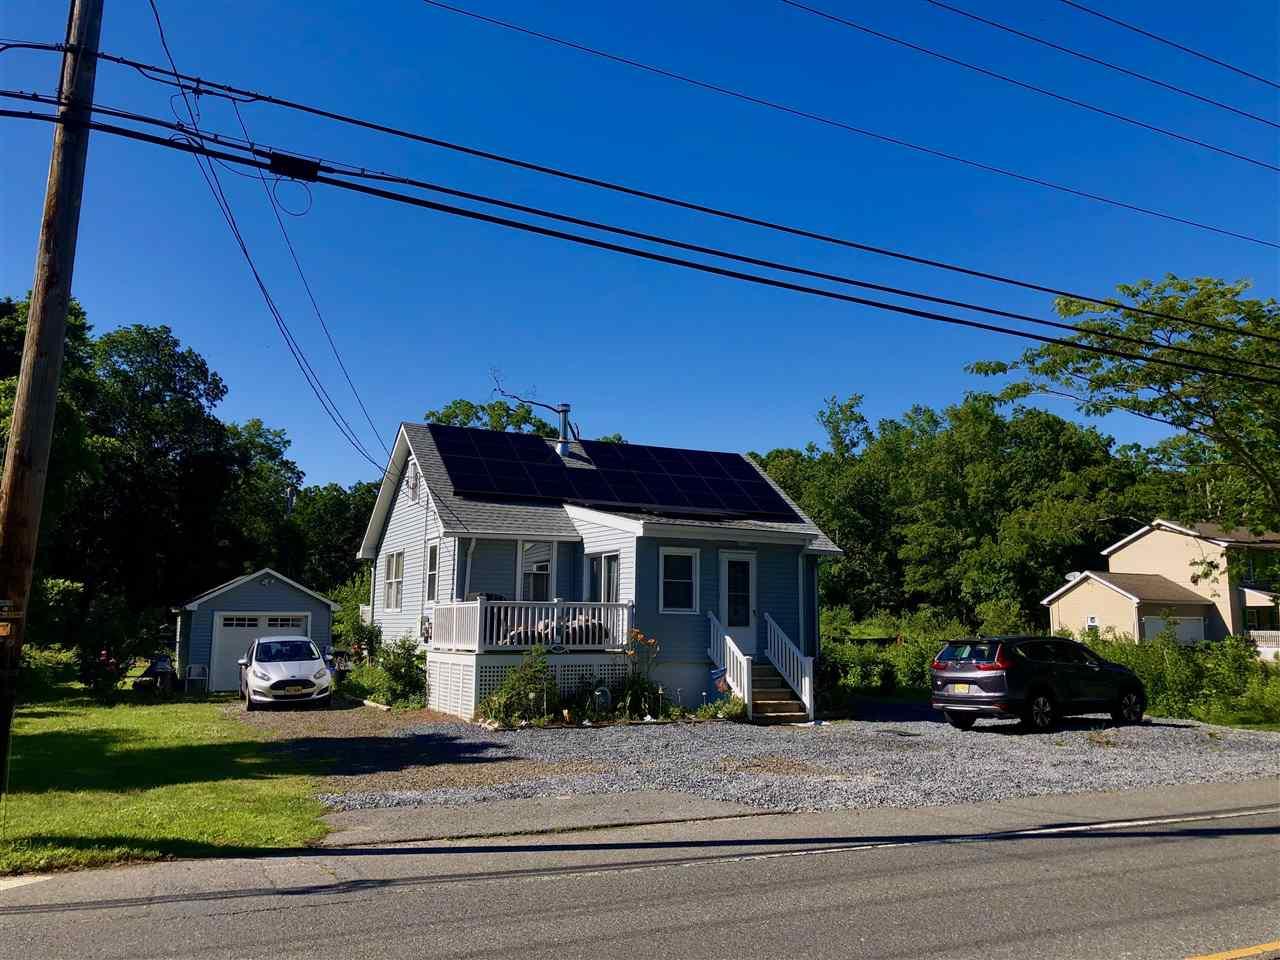 68 Bay Shore Road - Del Haven